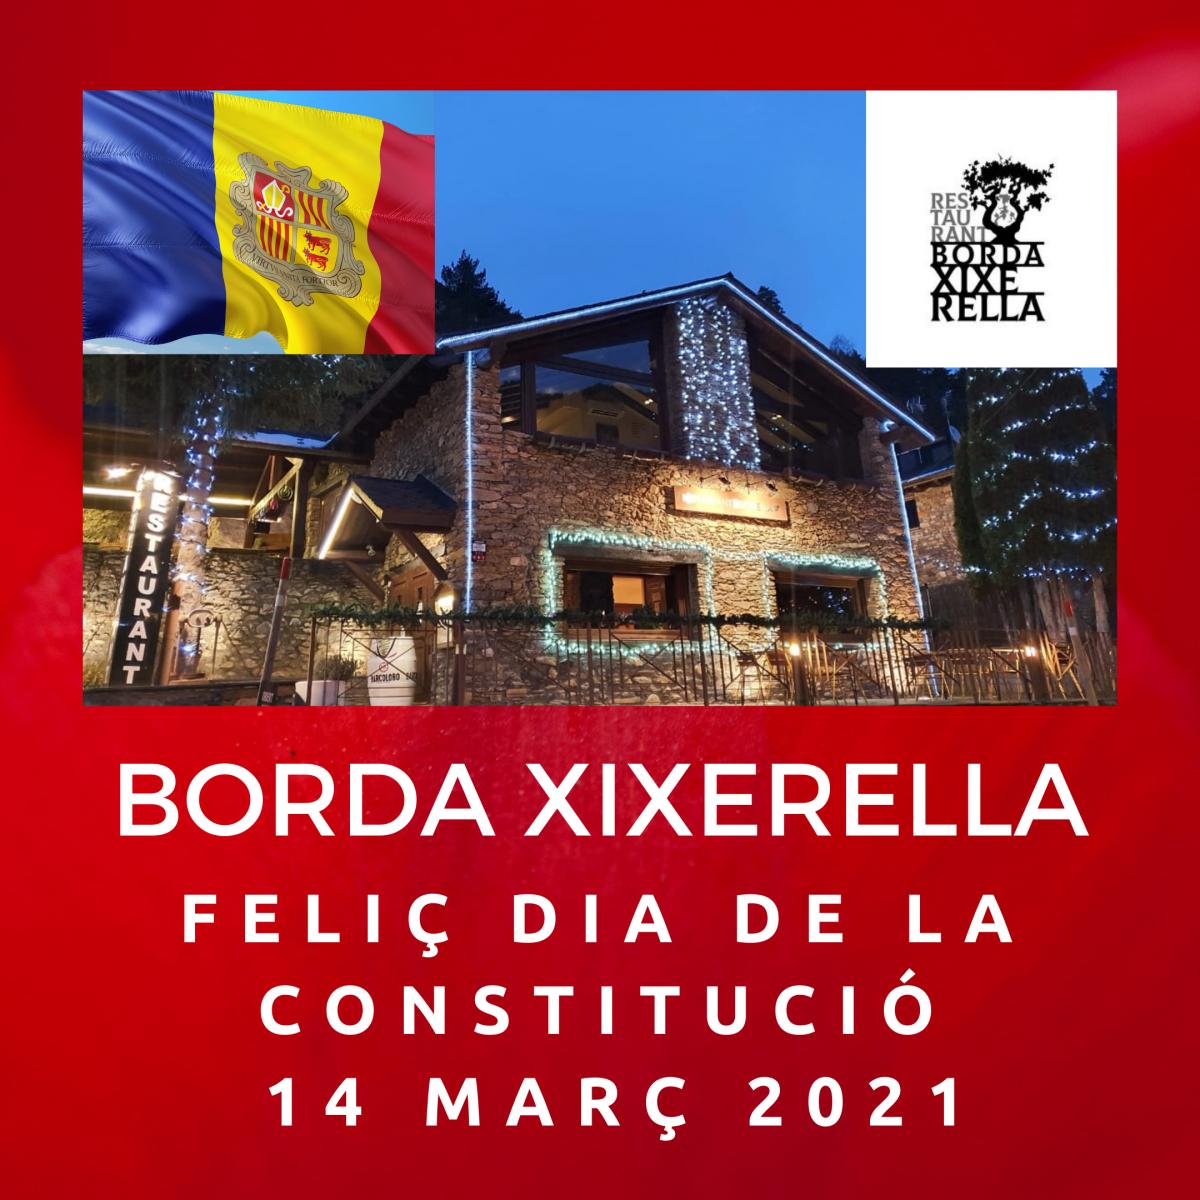 BORDA XIXERELLA FELIÇ DIA DE LA CONSTITUCIÓ ANDORRA 14 DE MARÇ DEL 2021